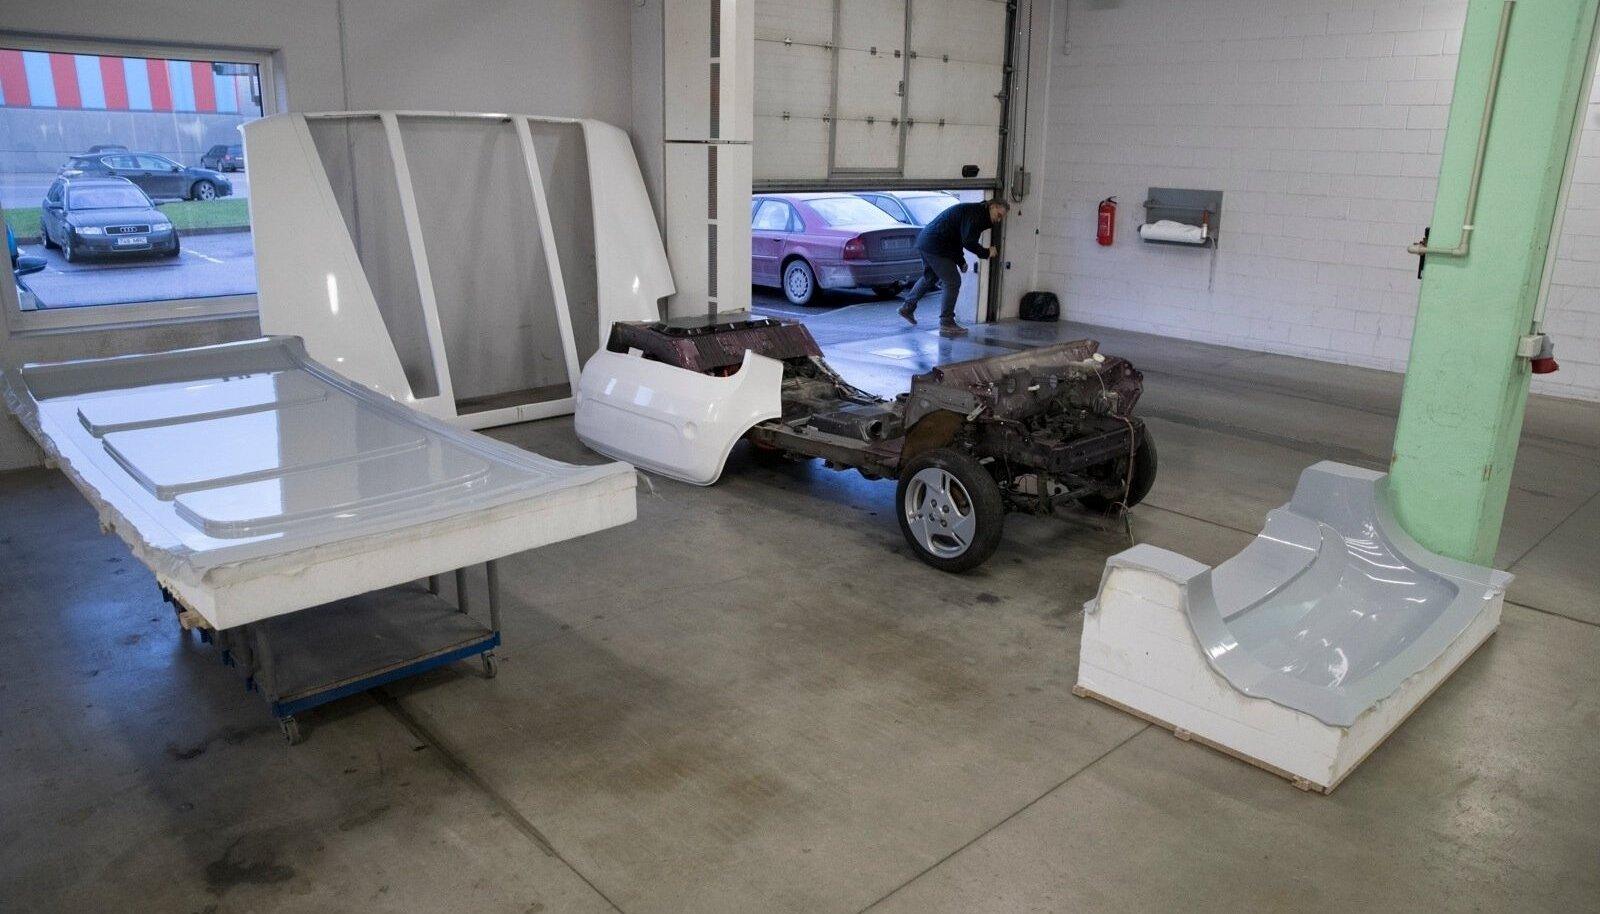 Silberauto töökojas ootab juba elektriauto veermik, millele peagi hakatakse kinnitama isesõitva bussi osi.